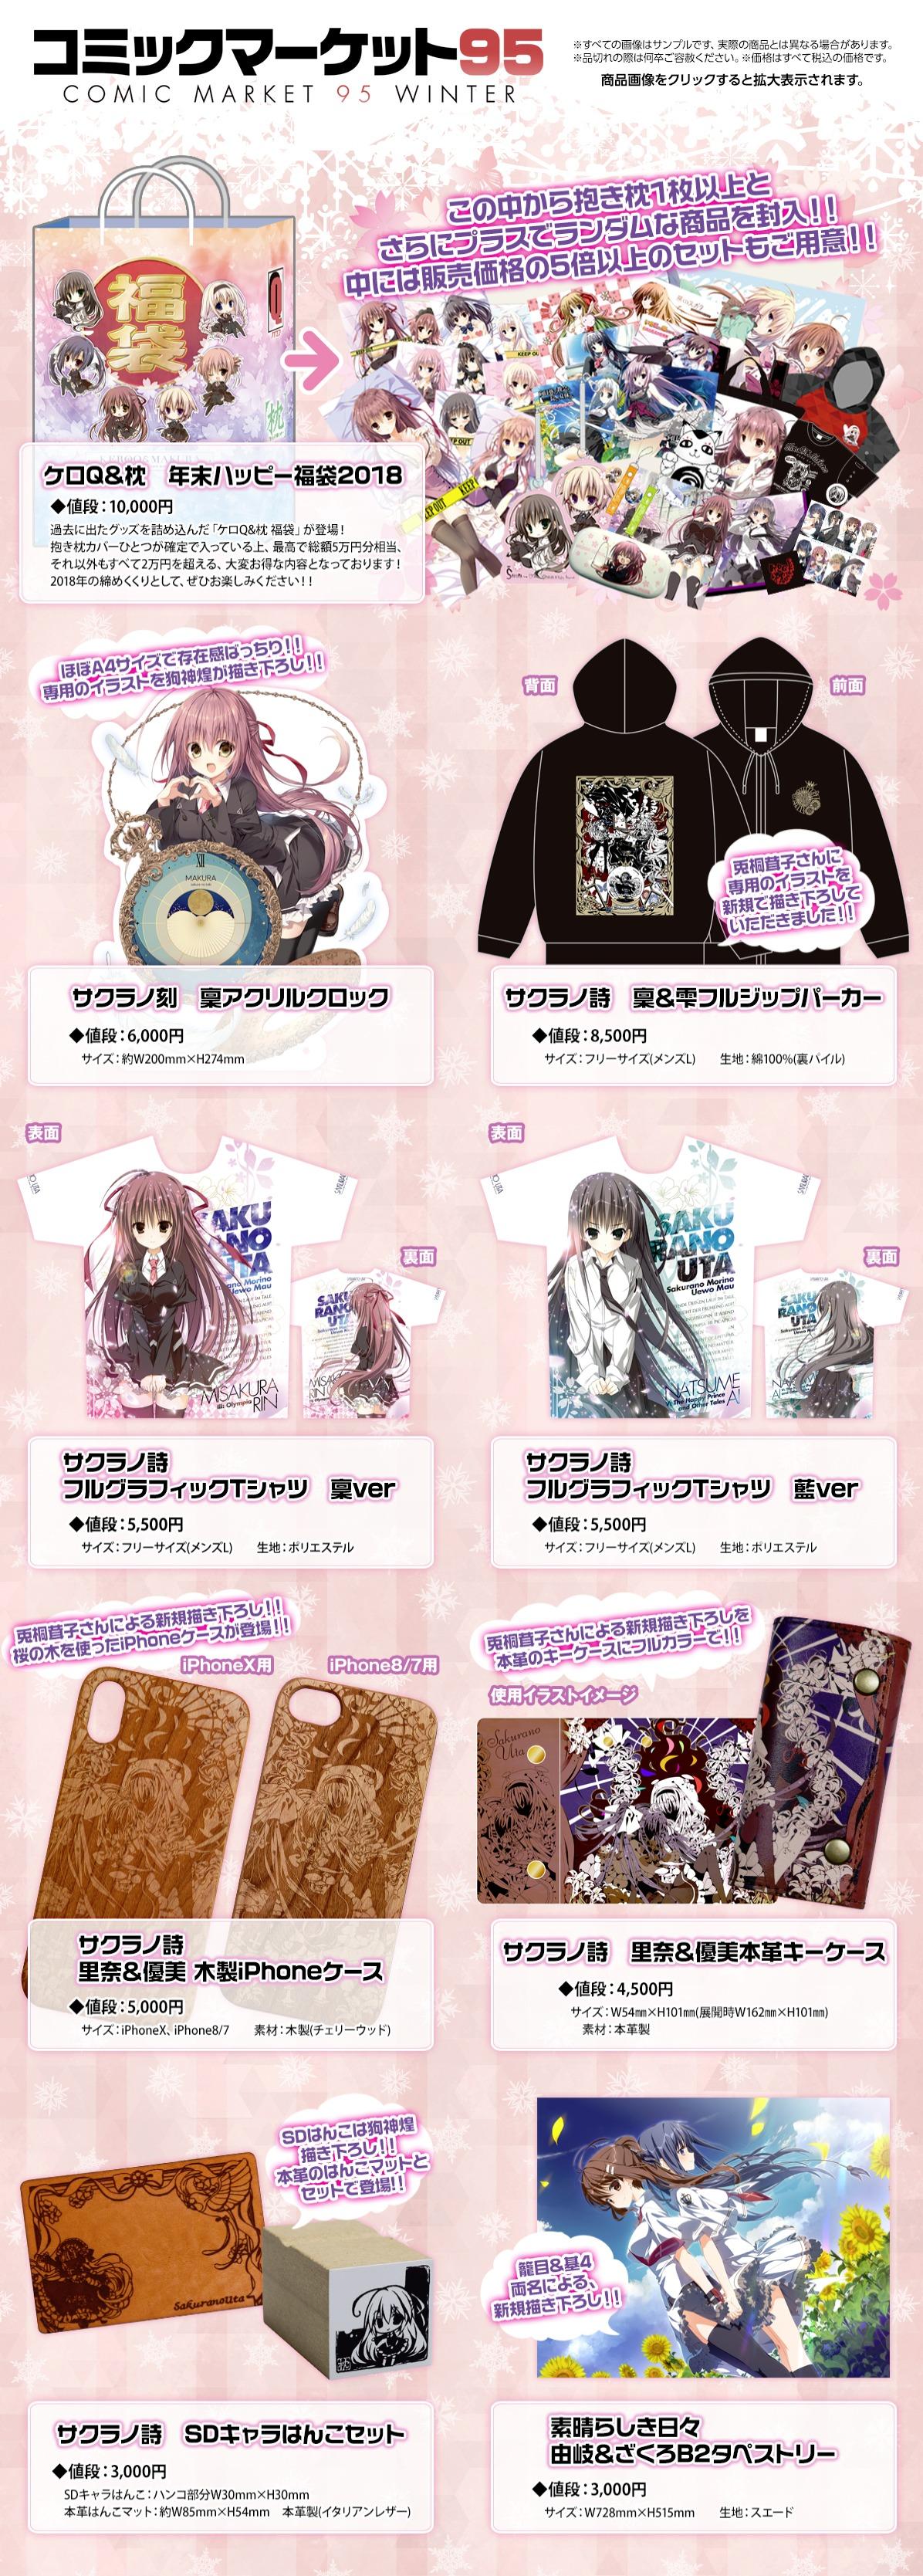 コミックマーケット95 特設サイト|ケロQ&枕 Official site